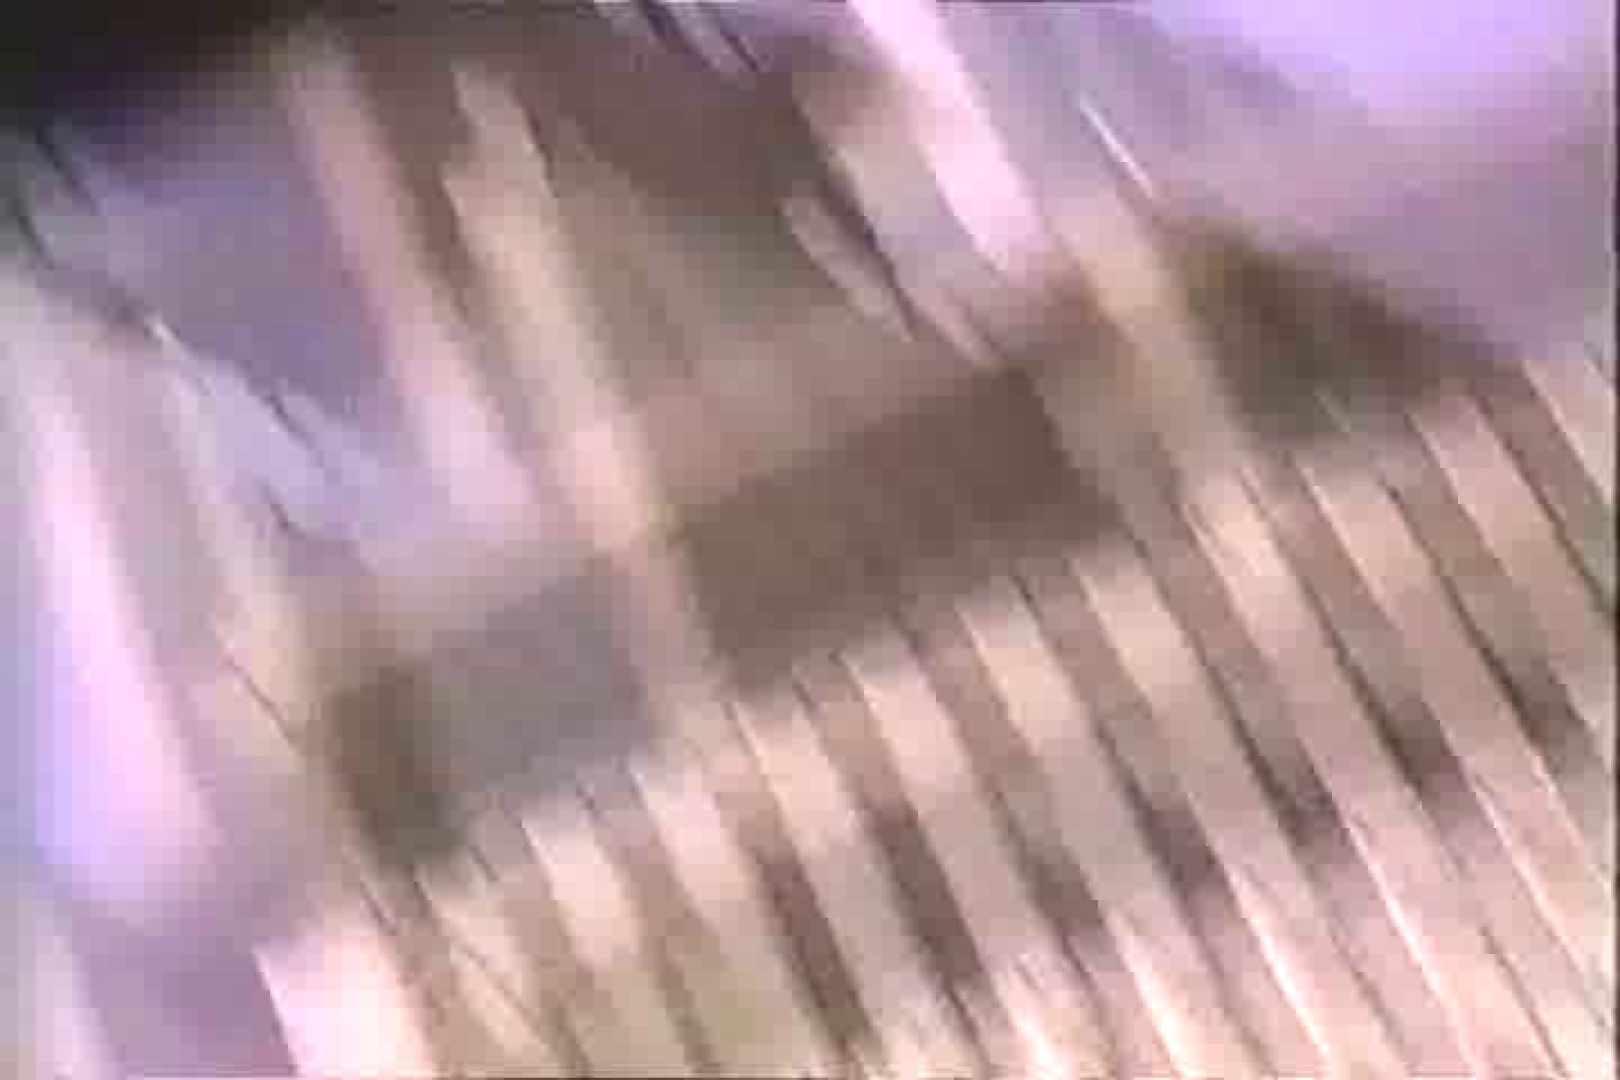 「ちくりん」さんのオリジナル未編集パンチラVol.1_01 チラ  95画像 69